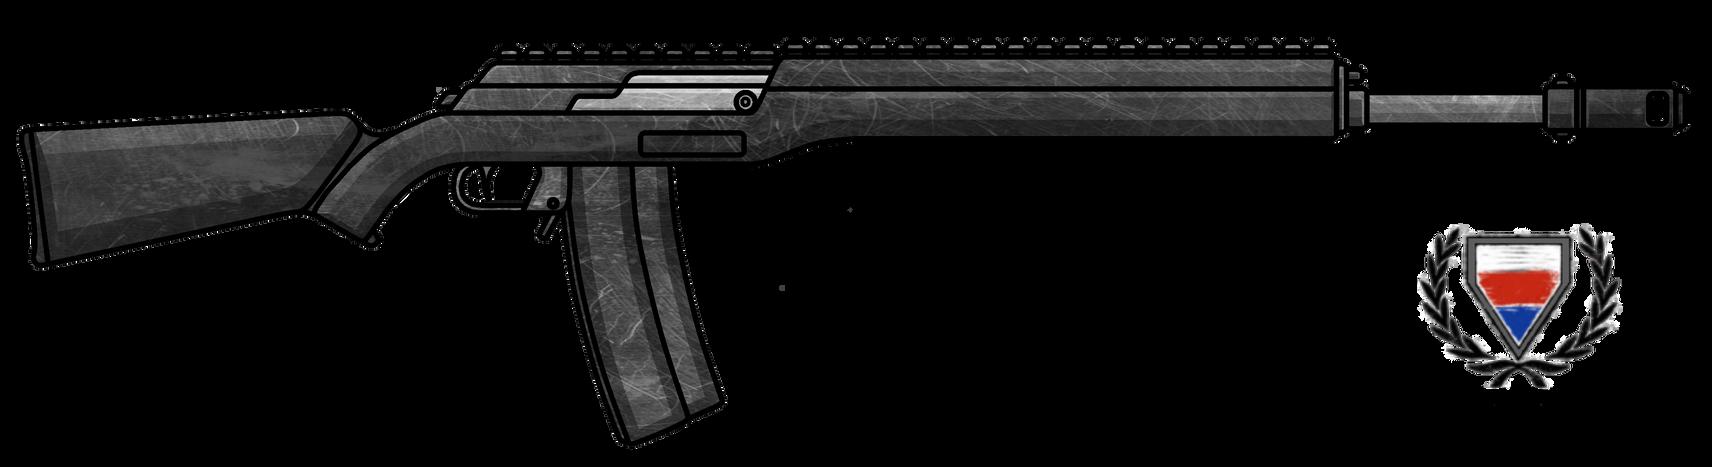 Fictional Firearm: HC-307 Battle Rifle by CzechBiohazard